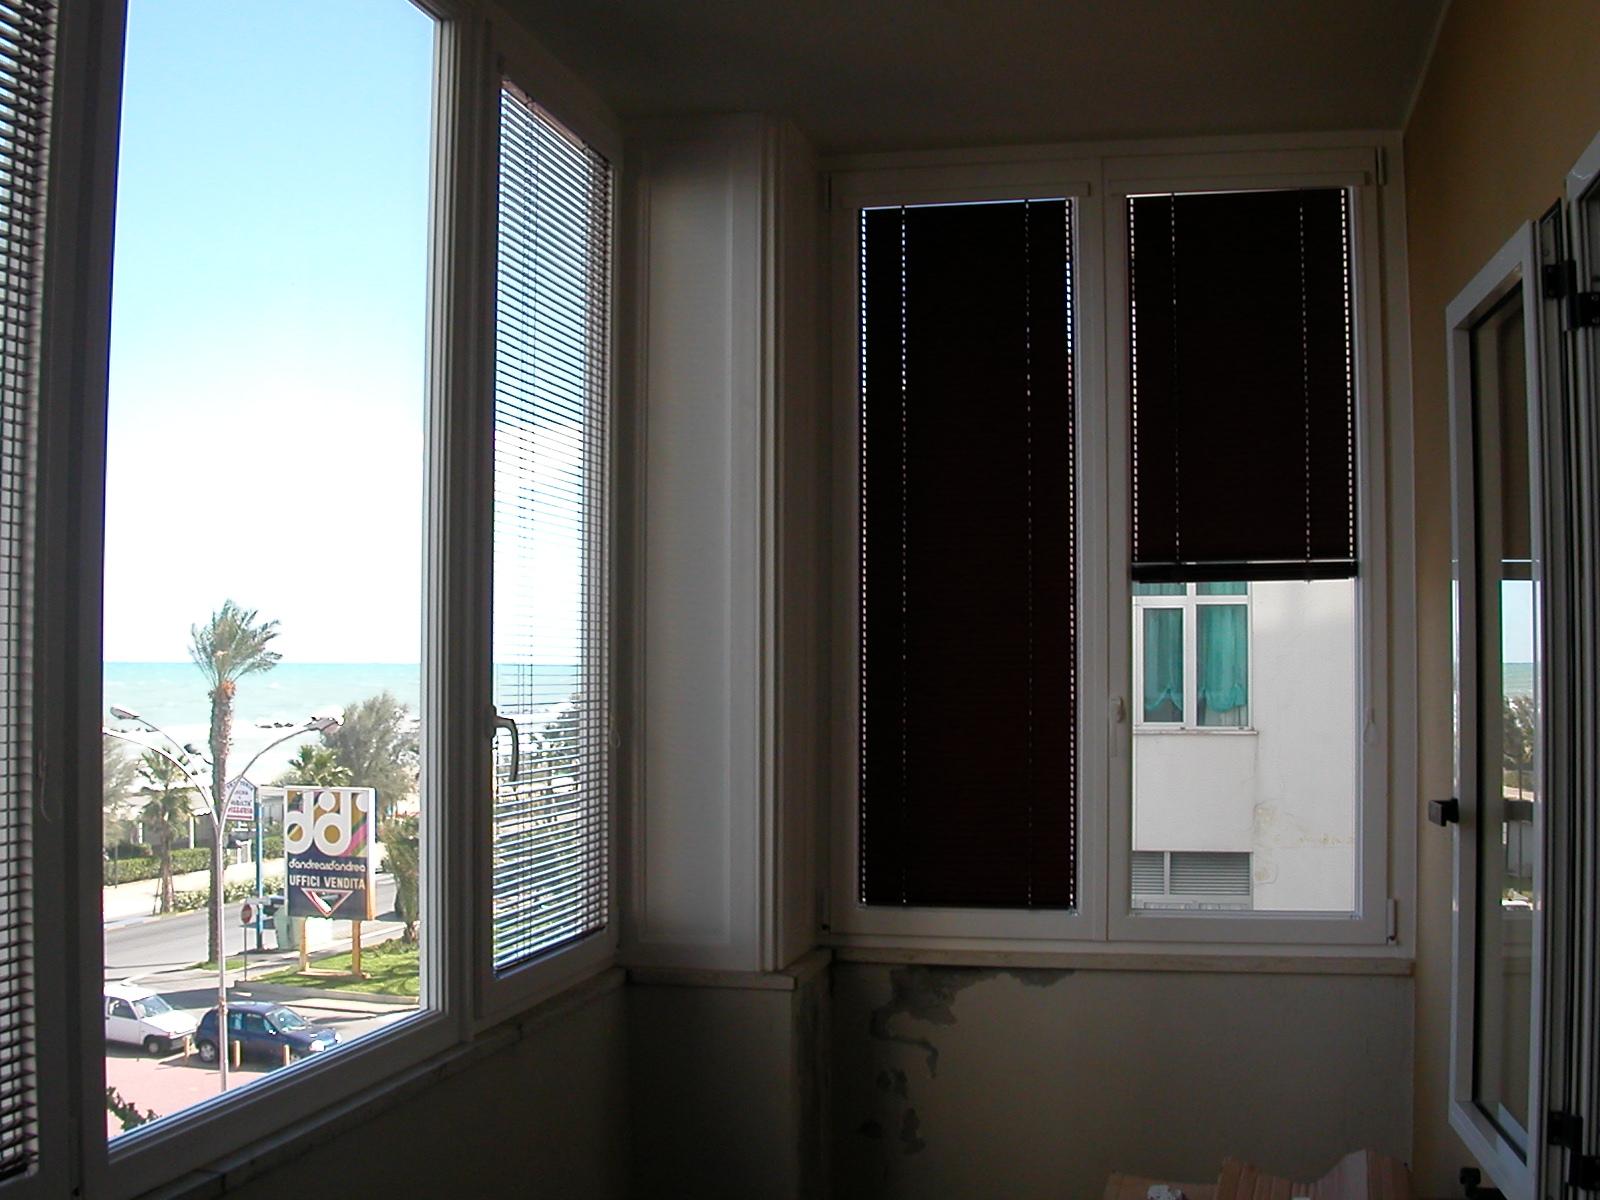 Veranda vetro senza immagine with veranda vetro awesome for Piani di veranda chiusa gratis